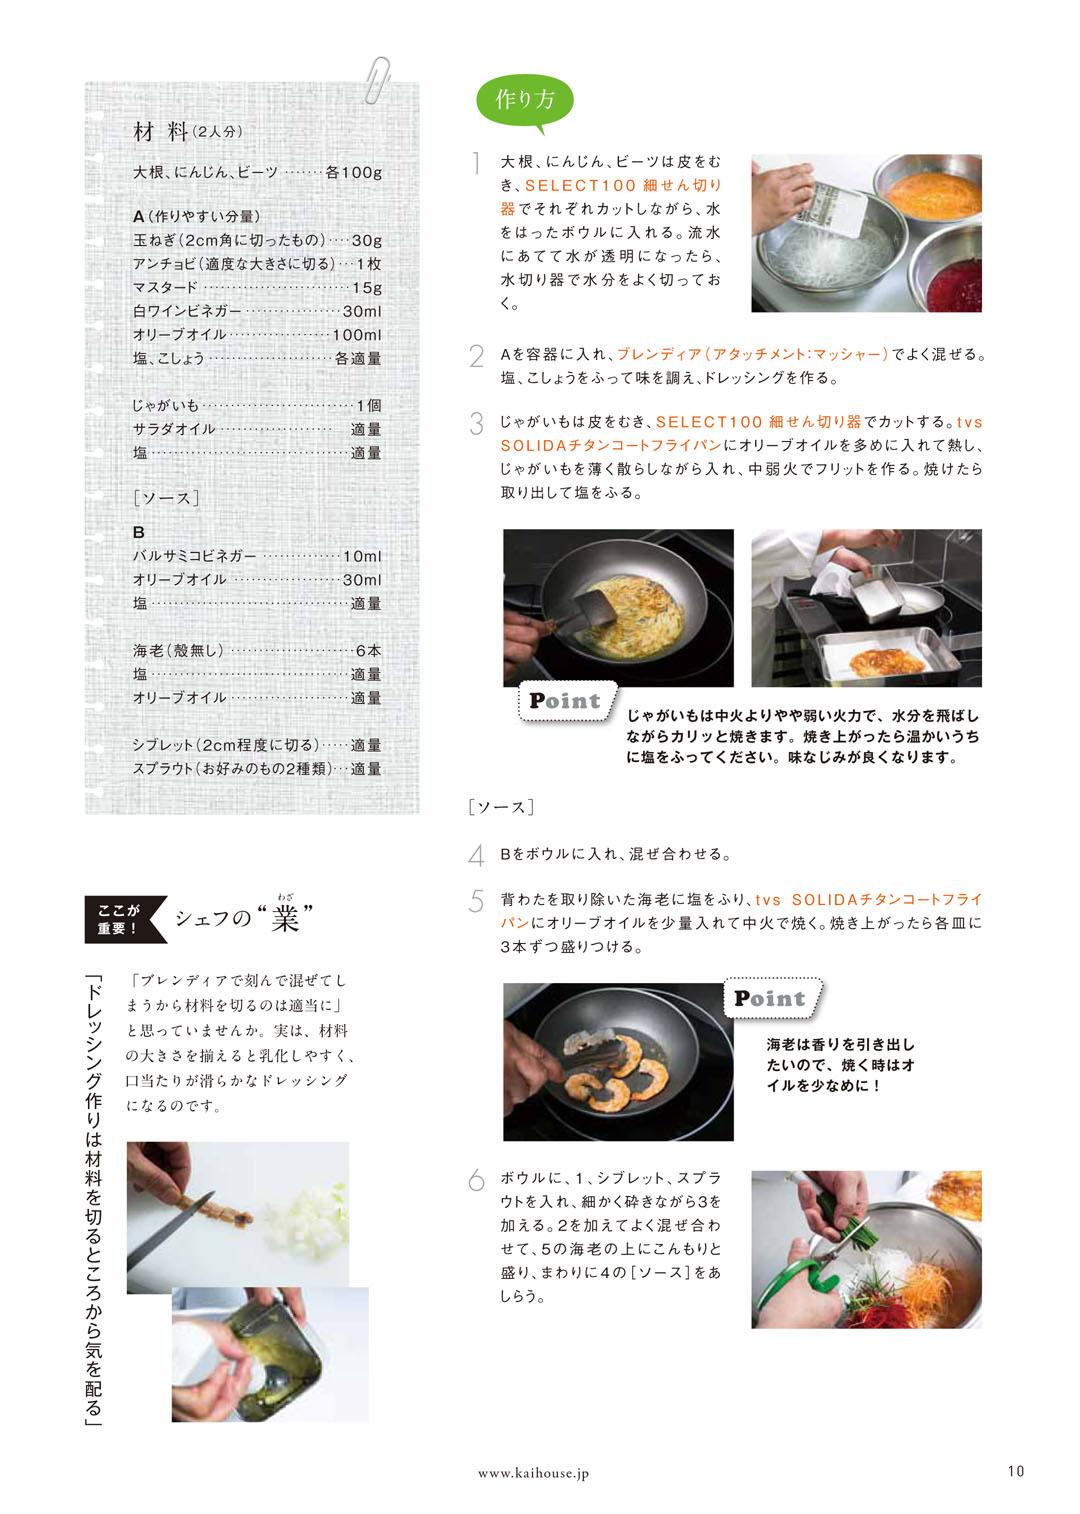 KaiHouse_25_10.jpg